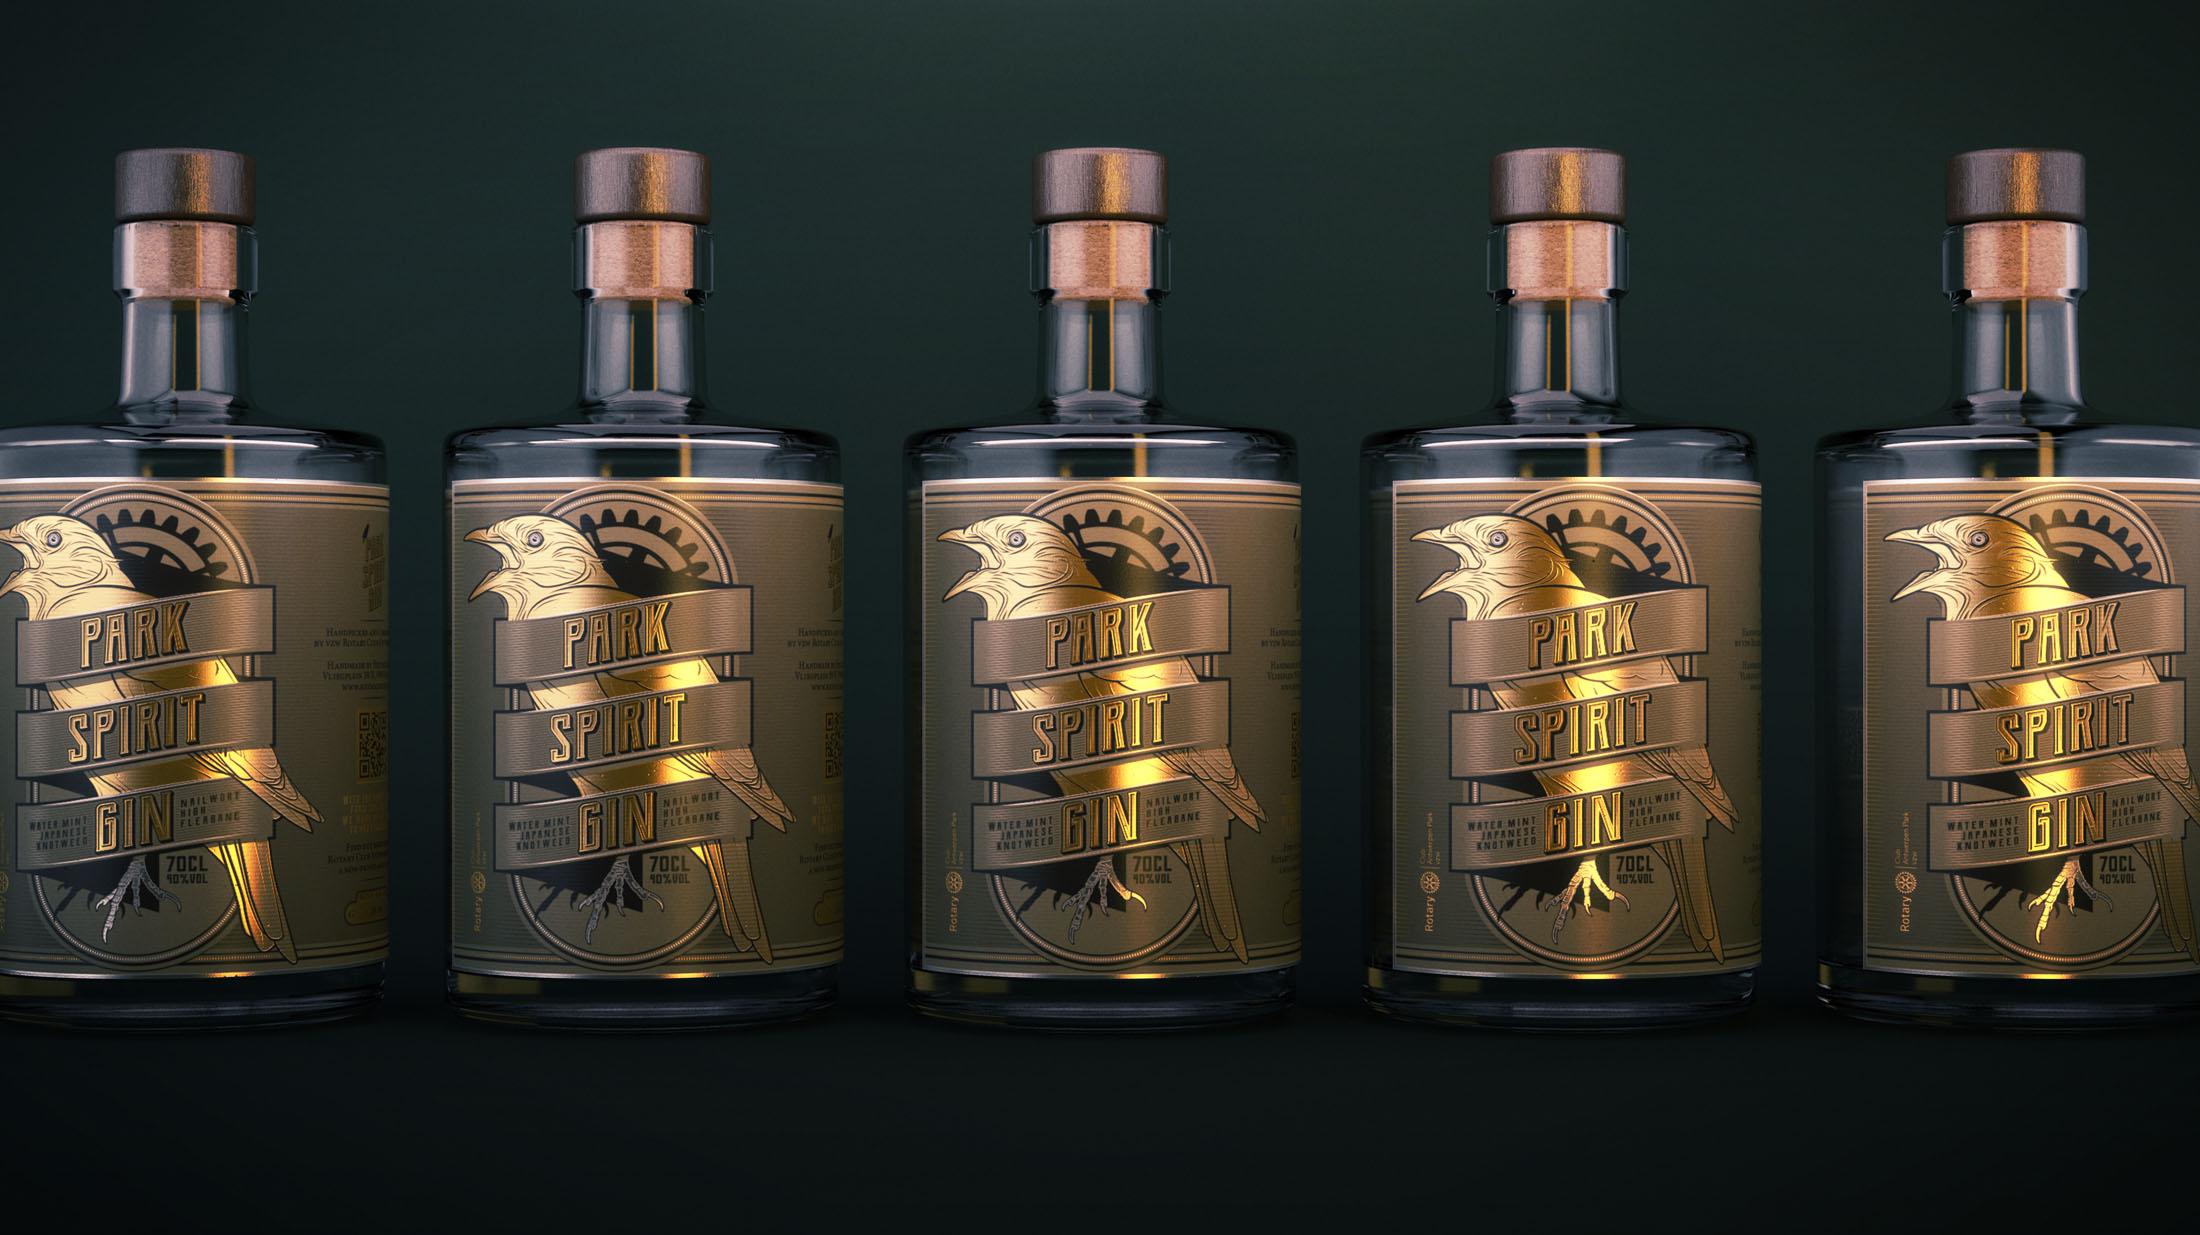 ParkSpiritGin V01 - Park Spirit Gin